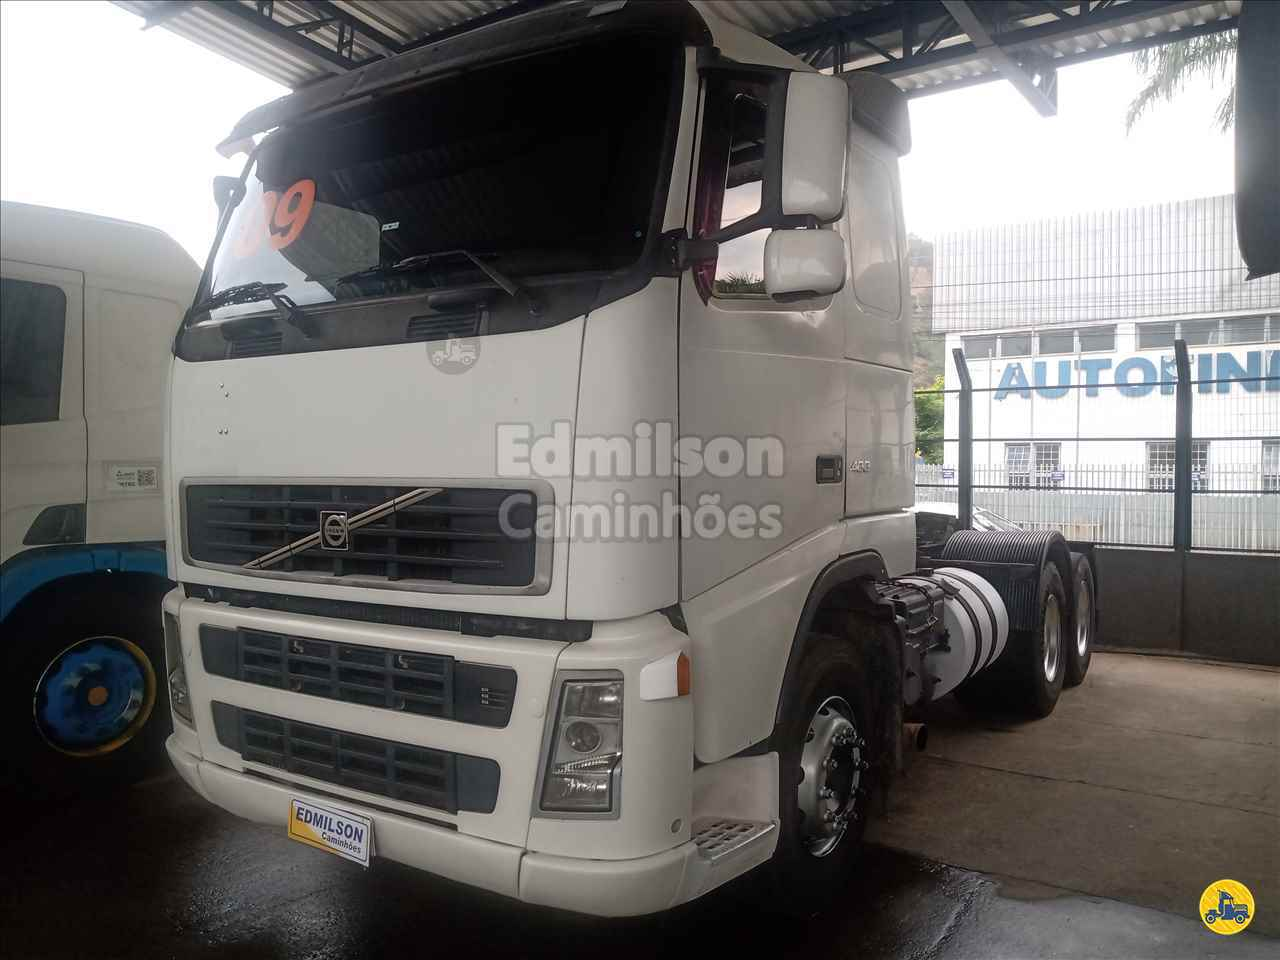 CAMINHAO VOLVO VOLVO FH 400 Cavalo Mecânico Truck 6x2 Edmilson Caminhões Itajubá MG ITAJUBA MINAS GERAIS MG